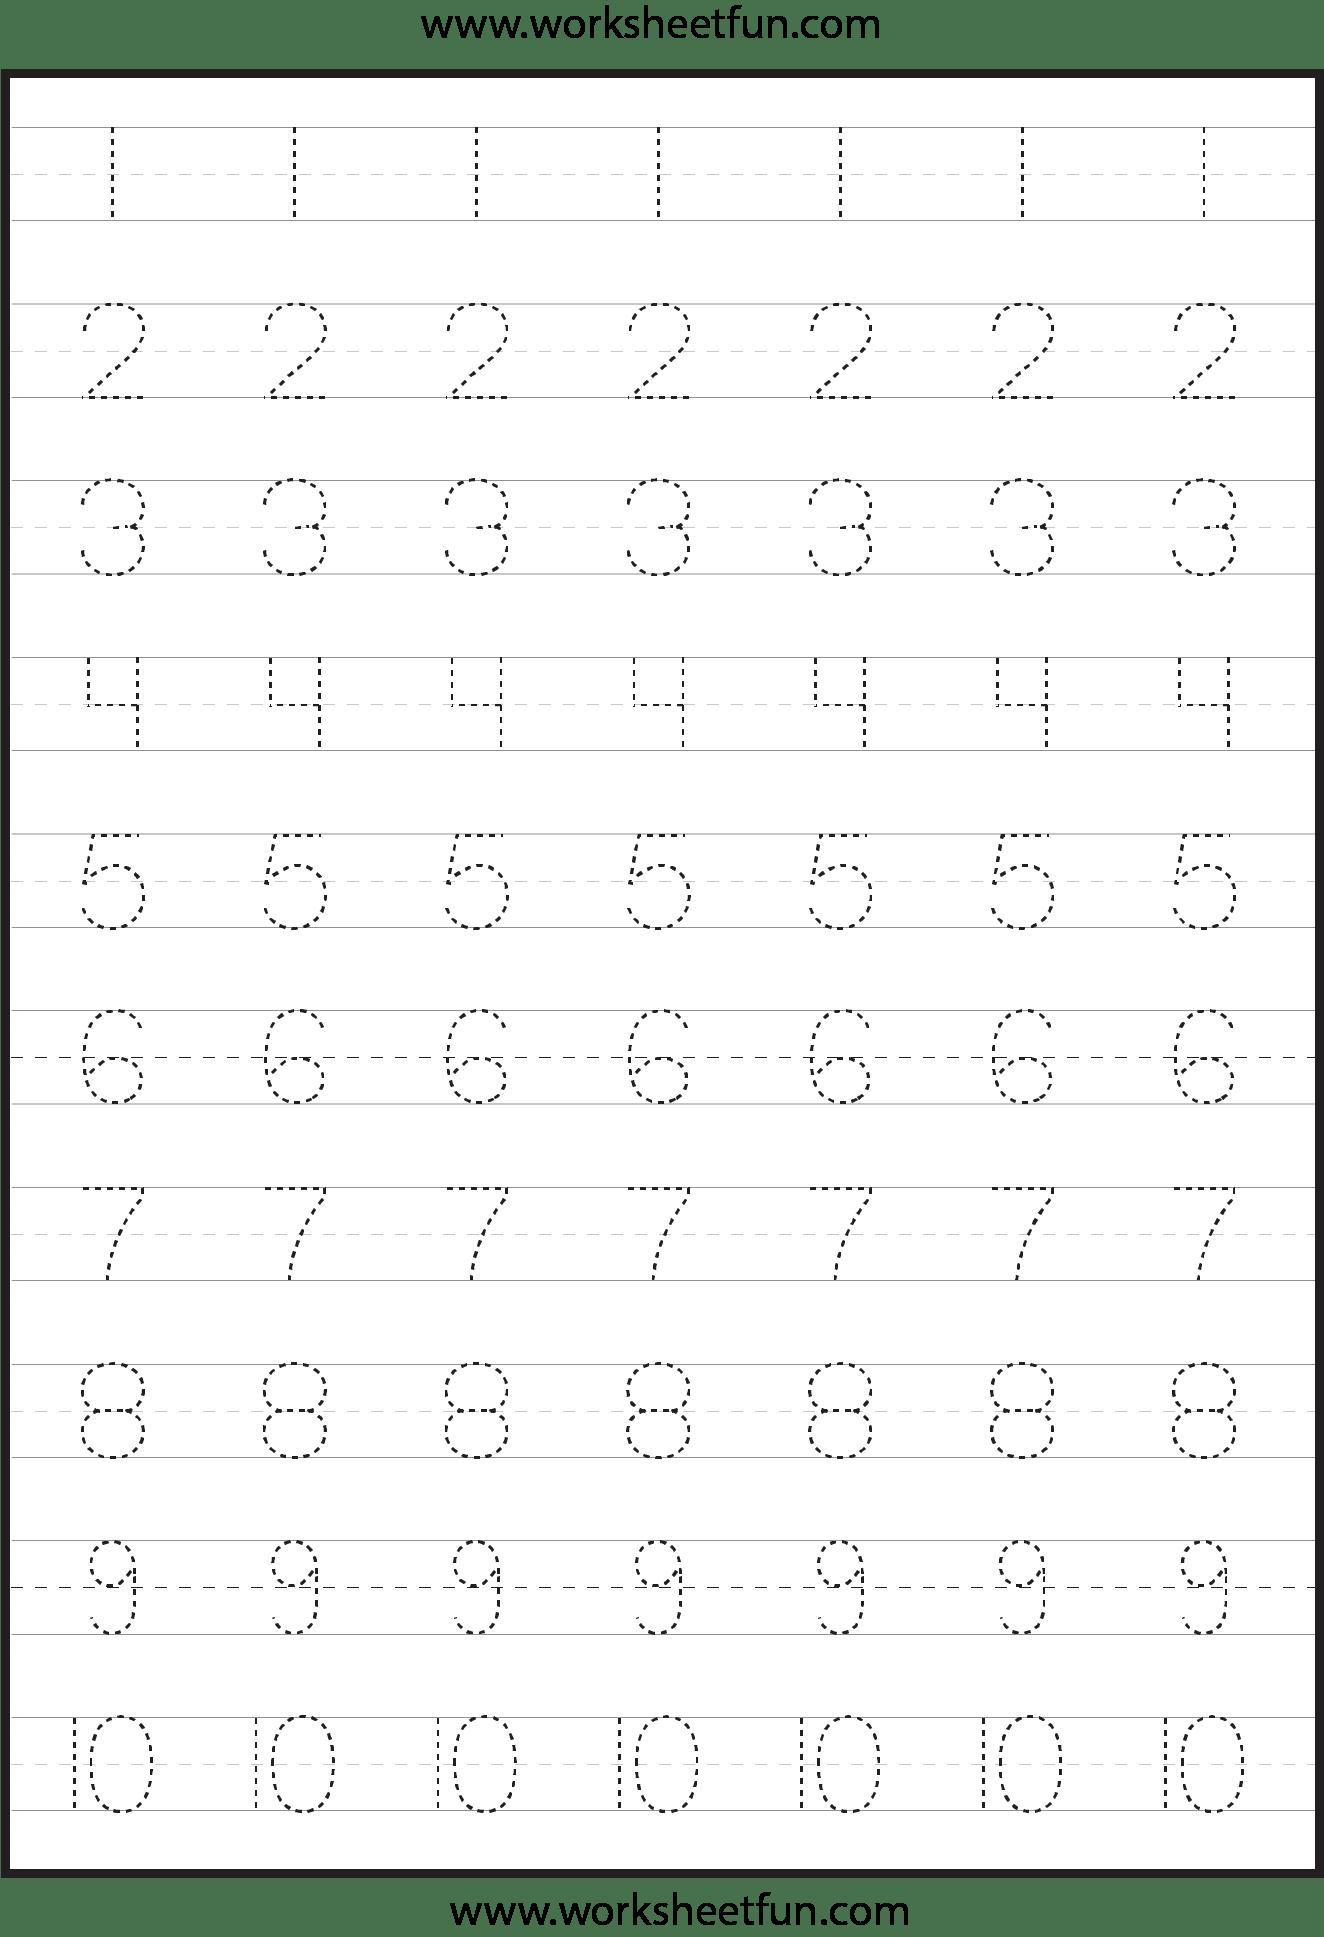 Number Tracing Worksheets For Kindergarten 1 10 Ten